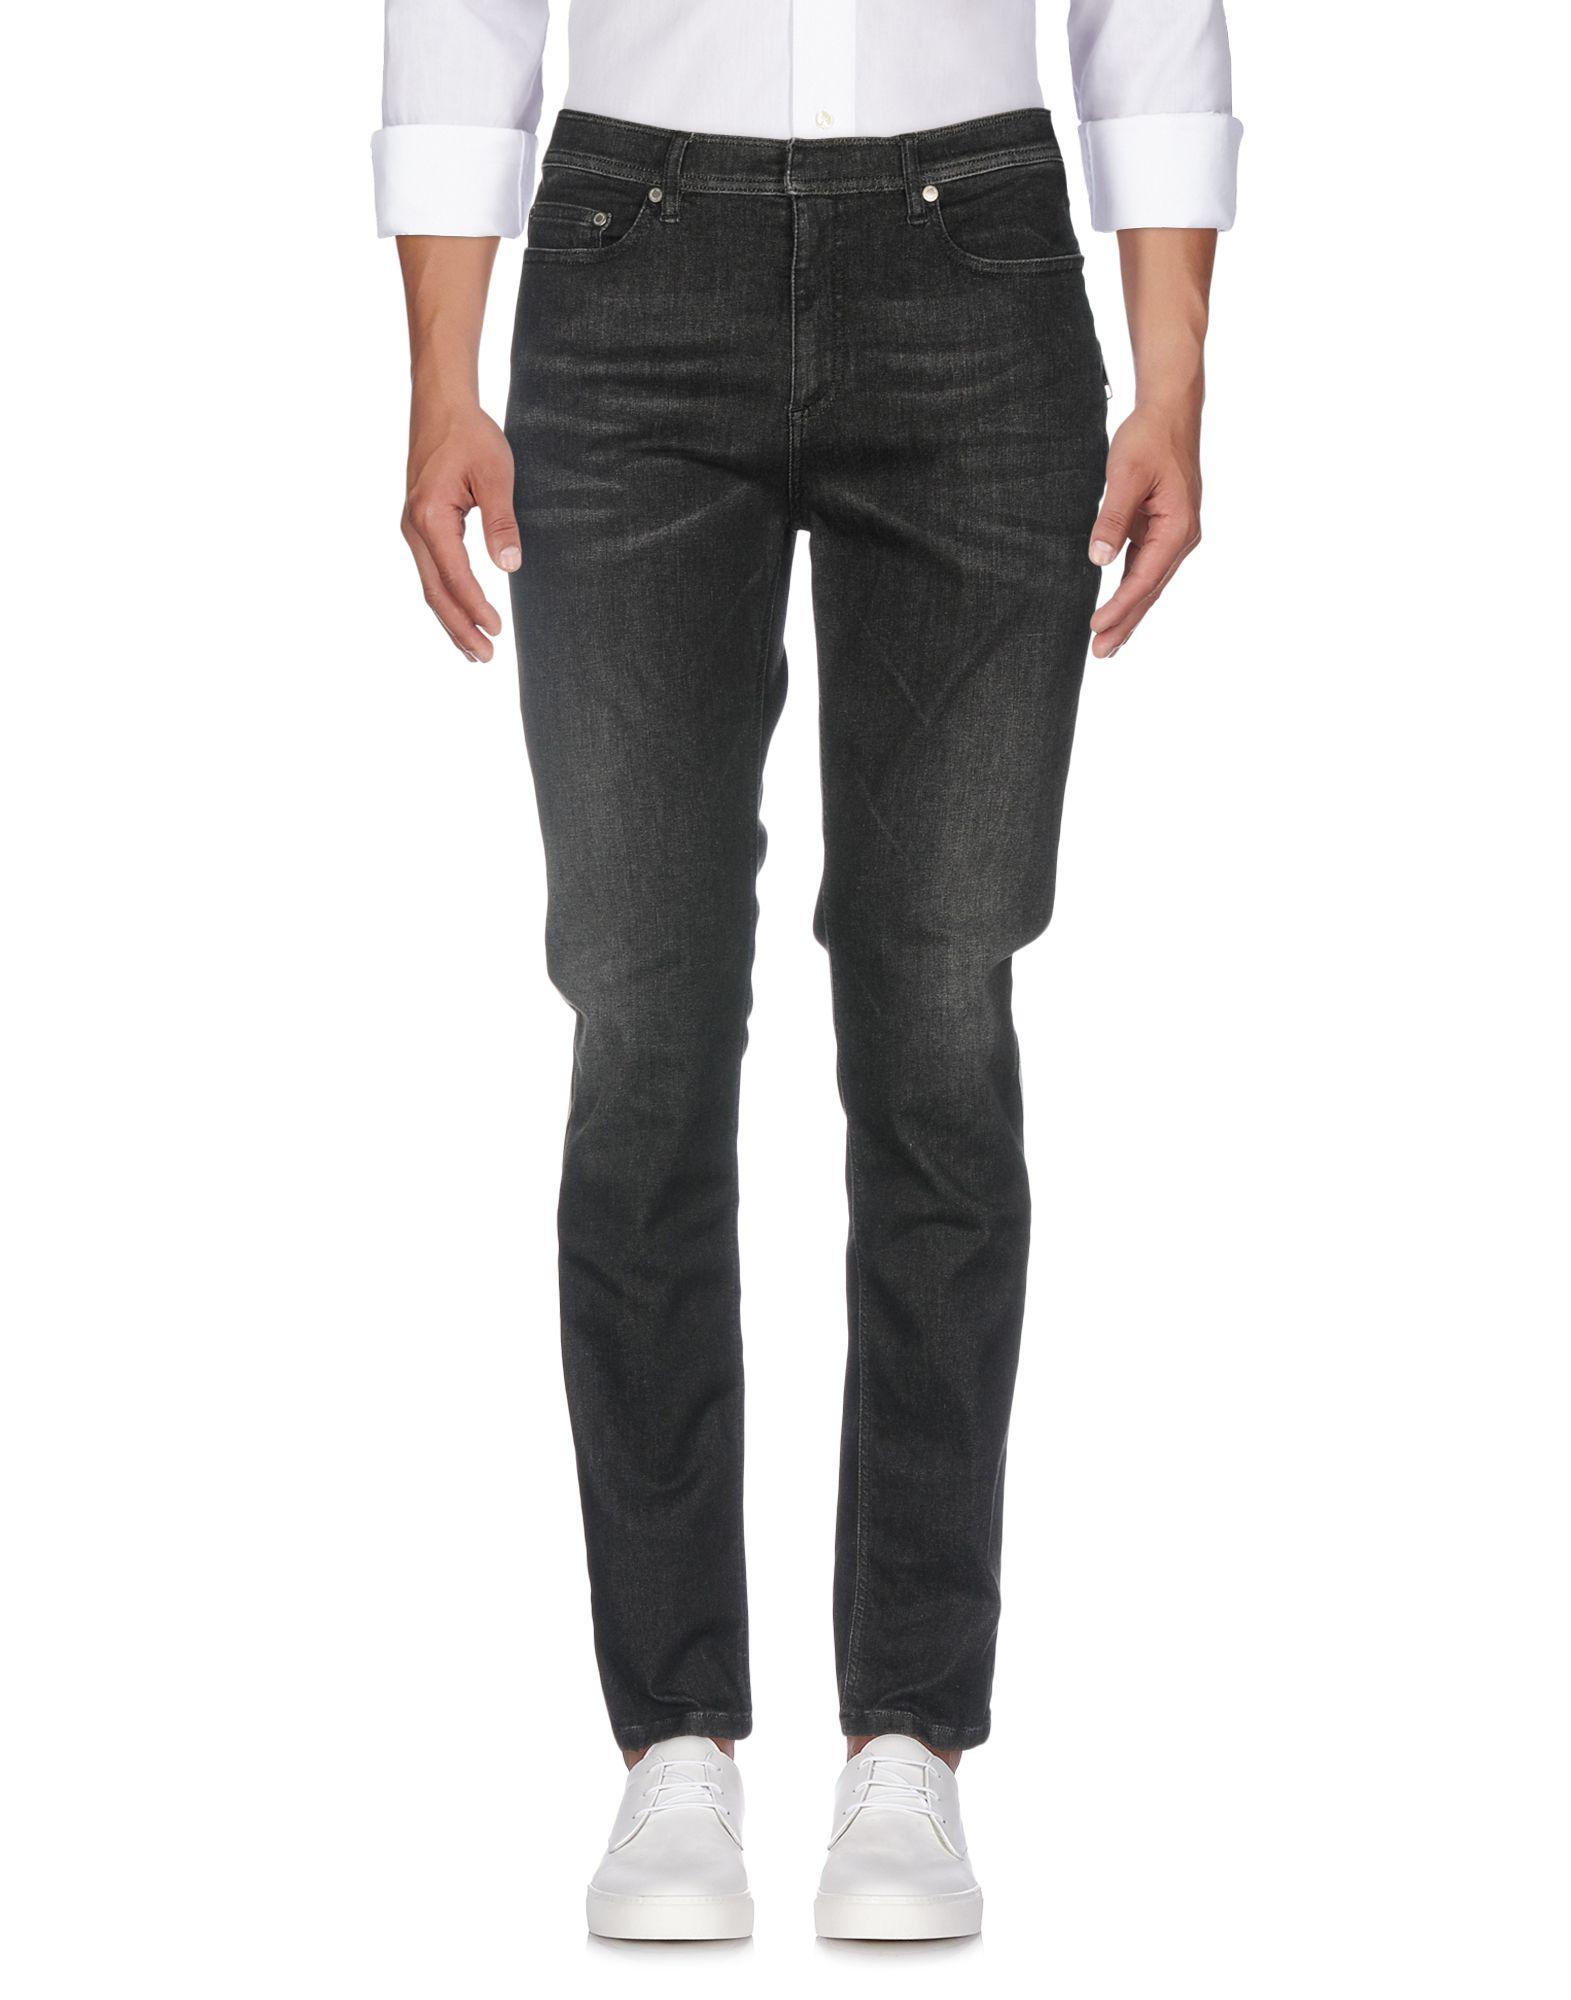 Pantaloni Jeans Neil Barrett Uomo - Acquista online su